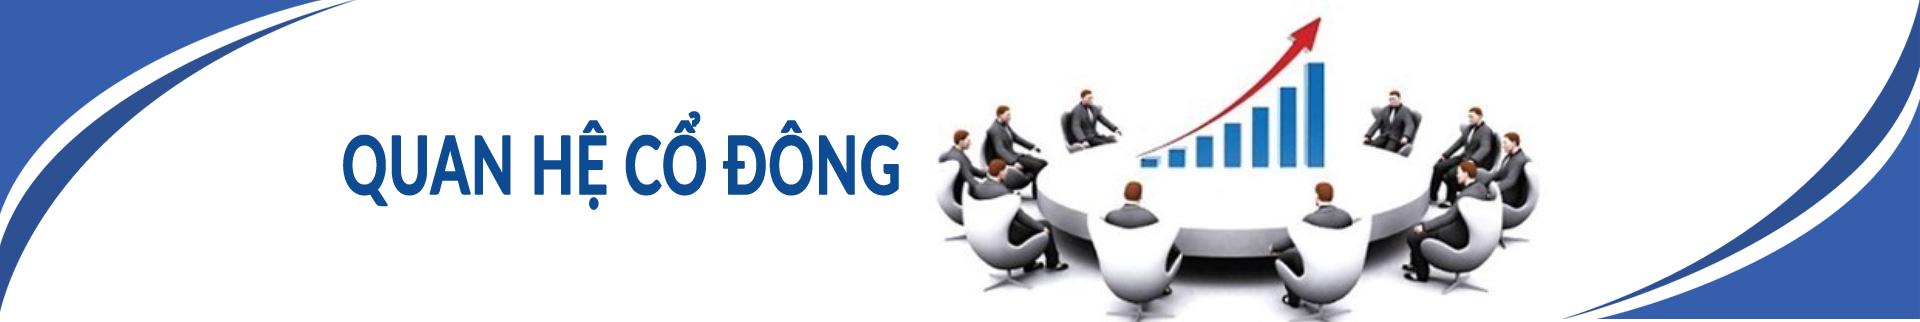 Mẫu đăng ký mua, đơn ủy quyền và đề nghị chuyển nhượng cổ phần HNF 4